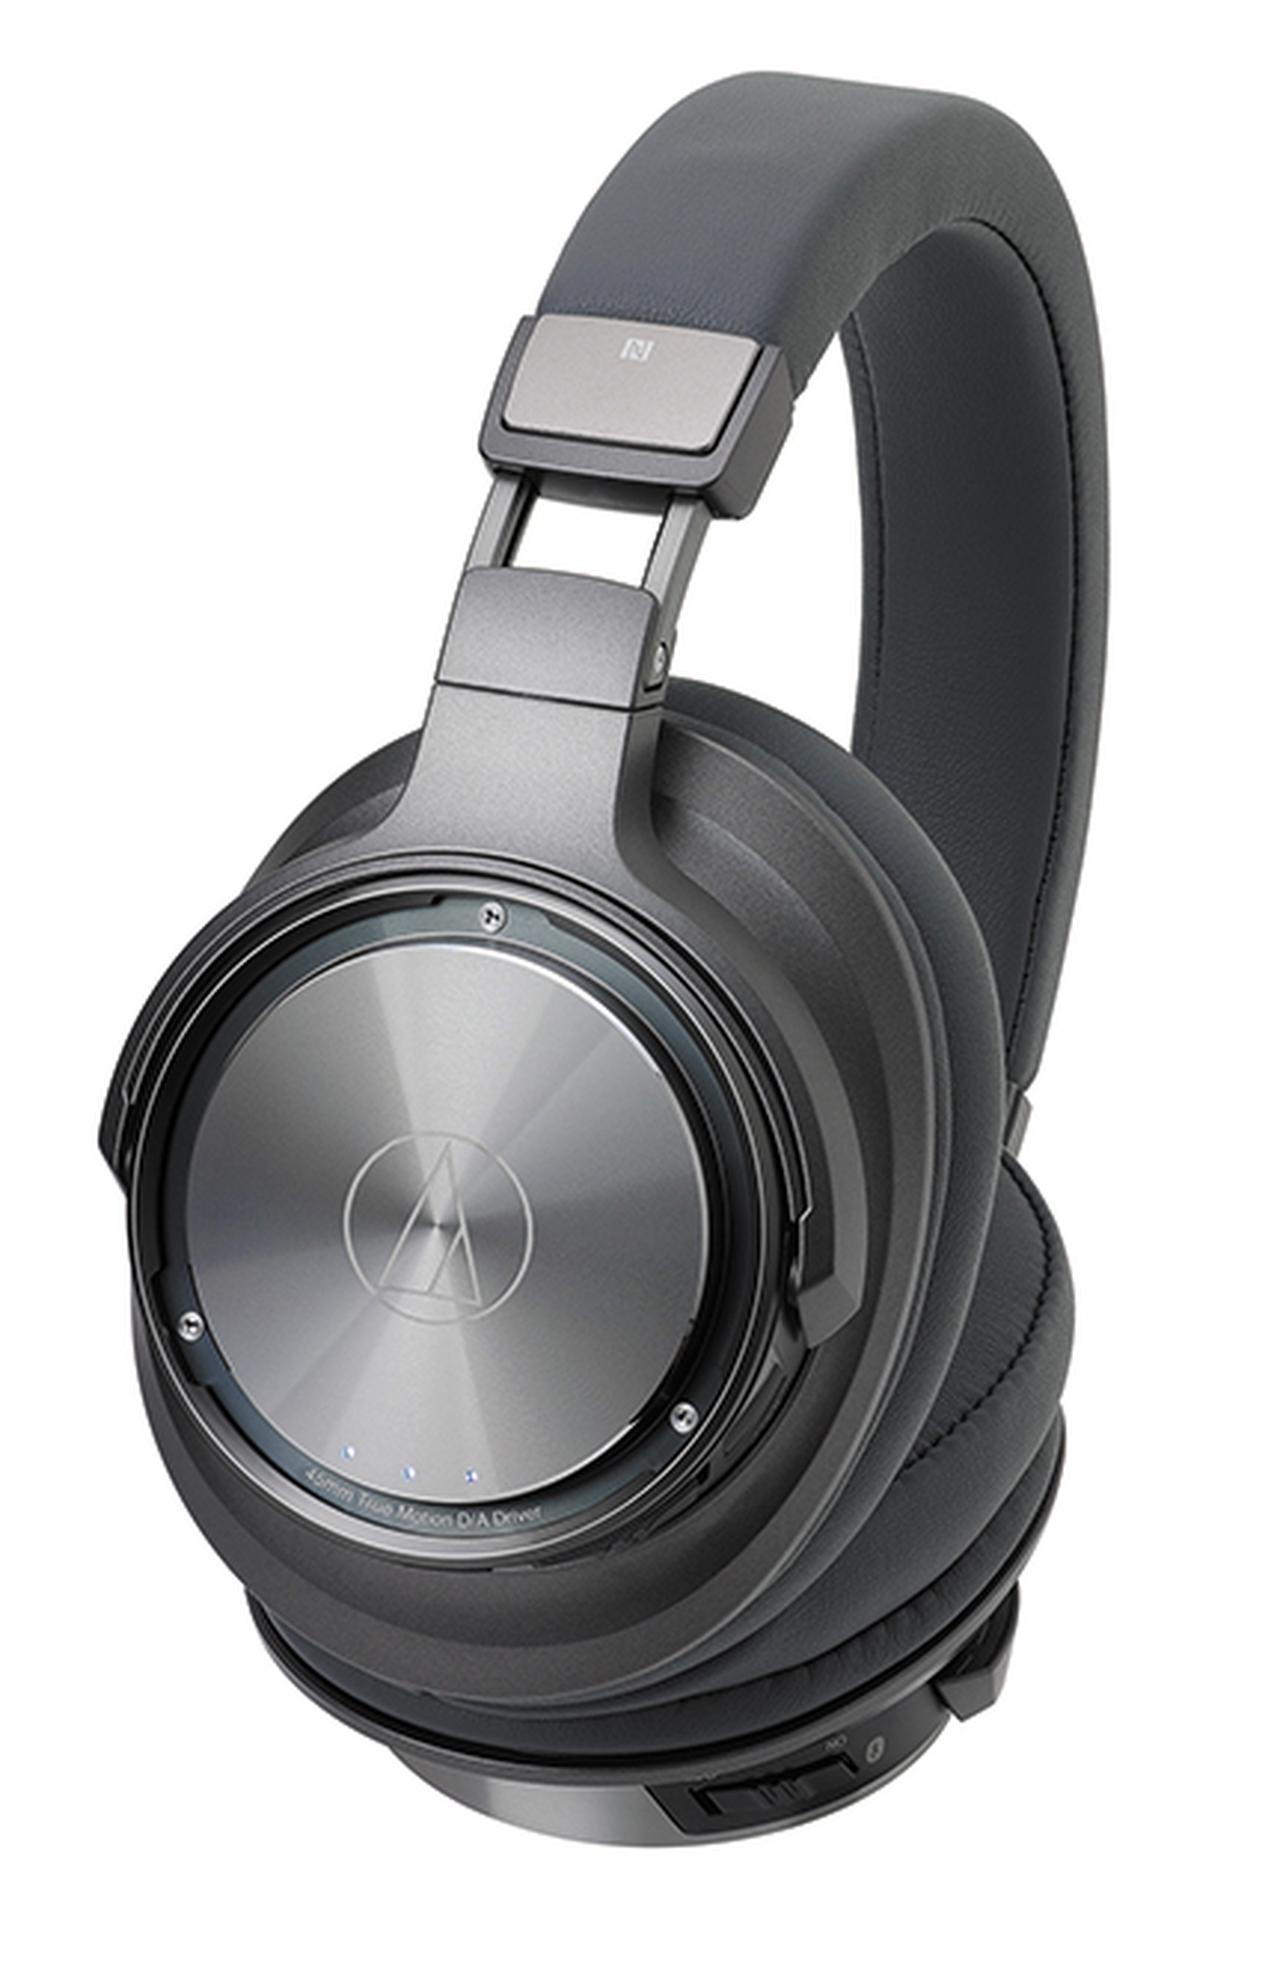 画像: aptX HDに対応したオーディオテクニカのオーバーヘッドバンド型。